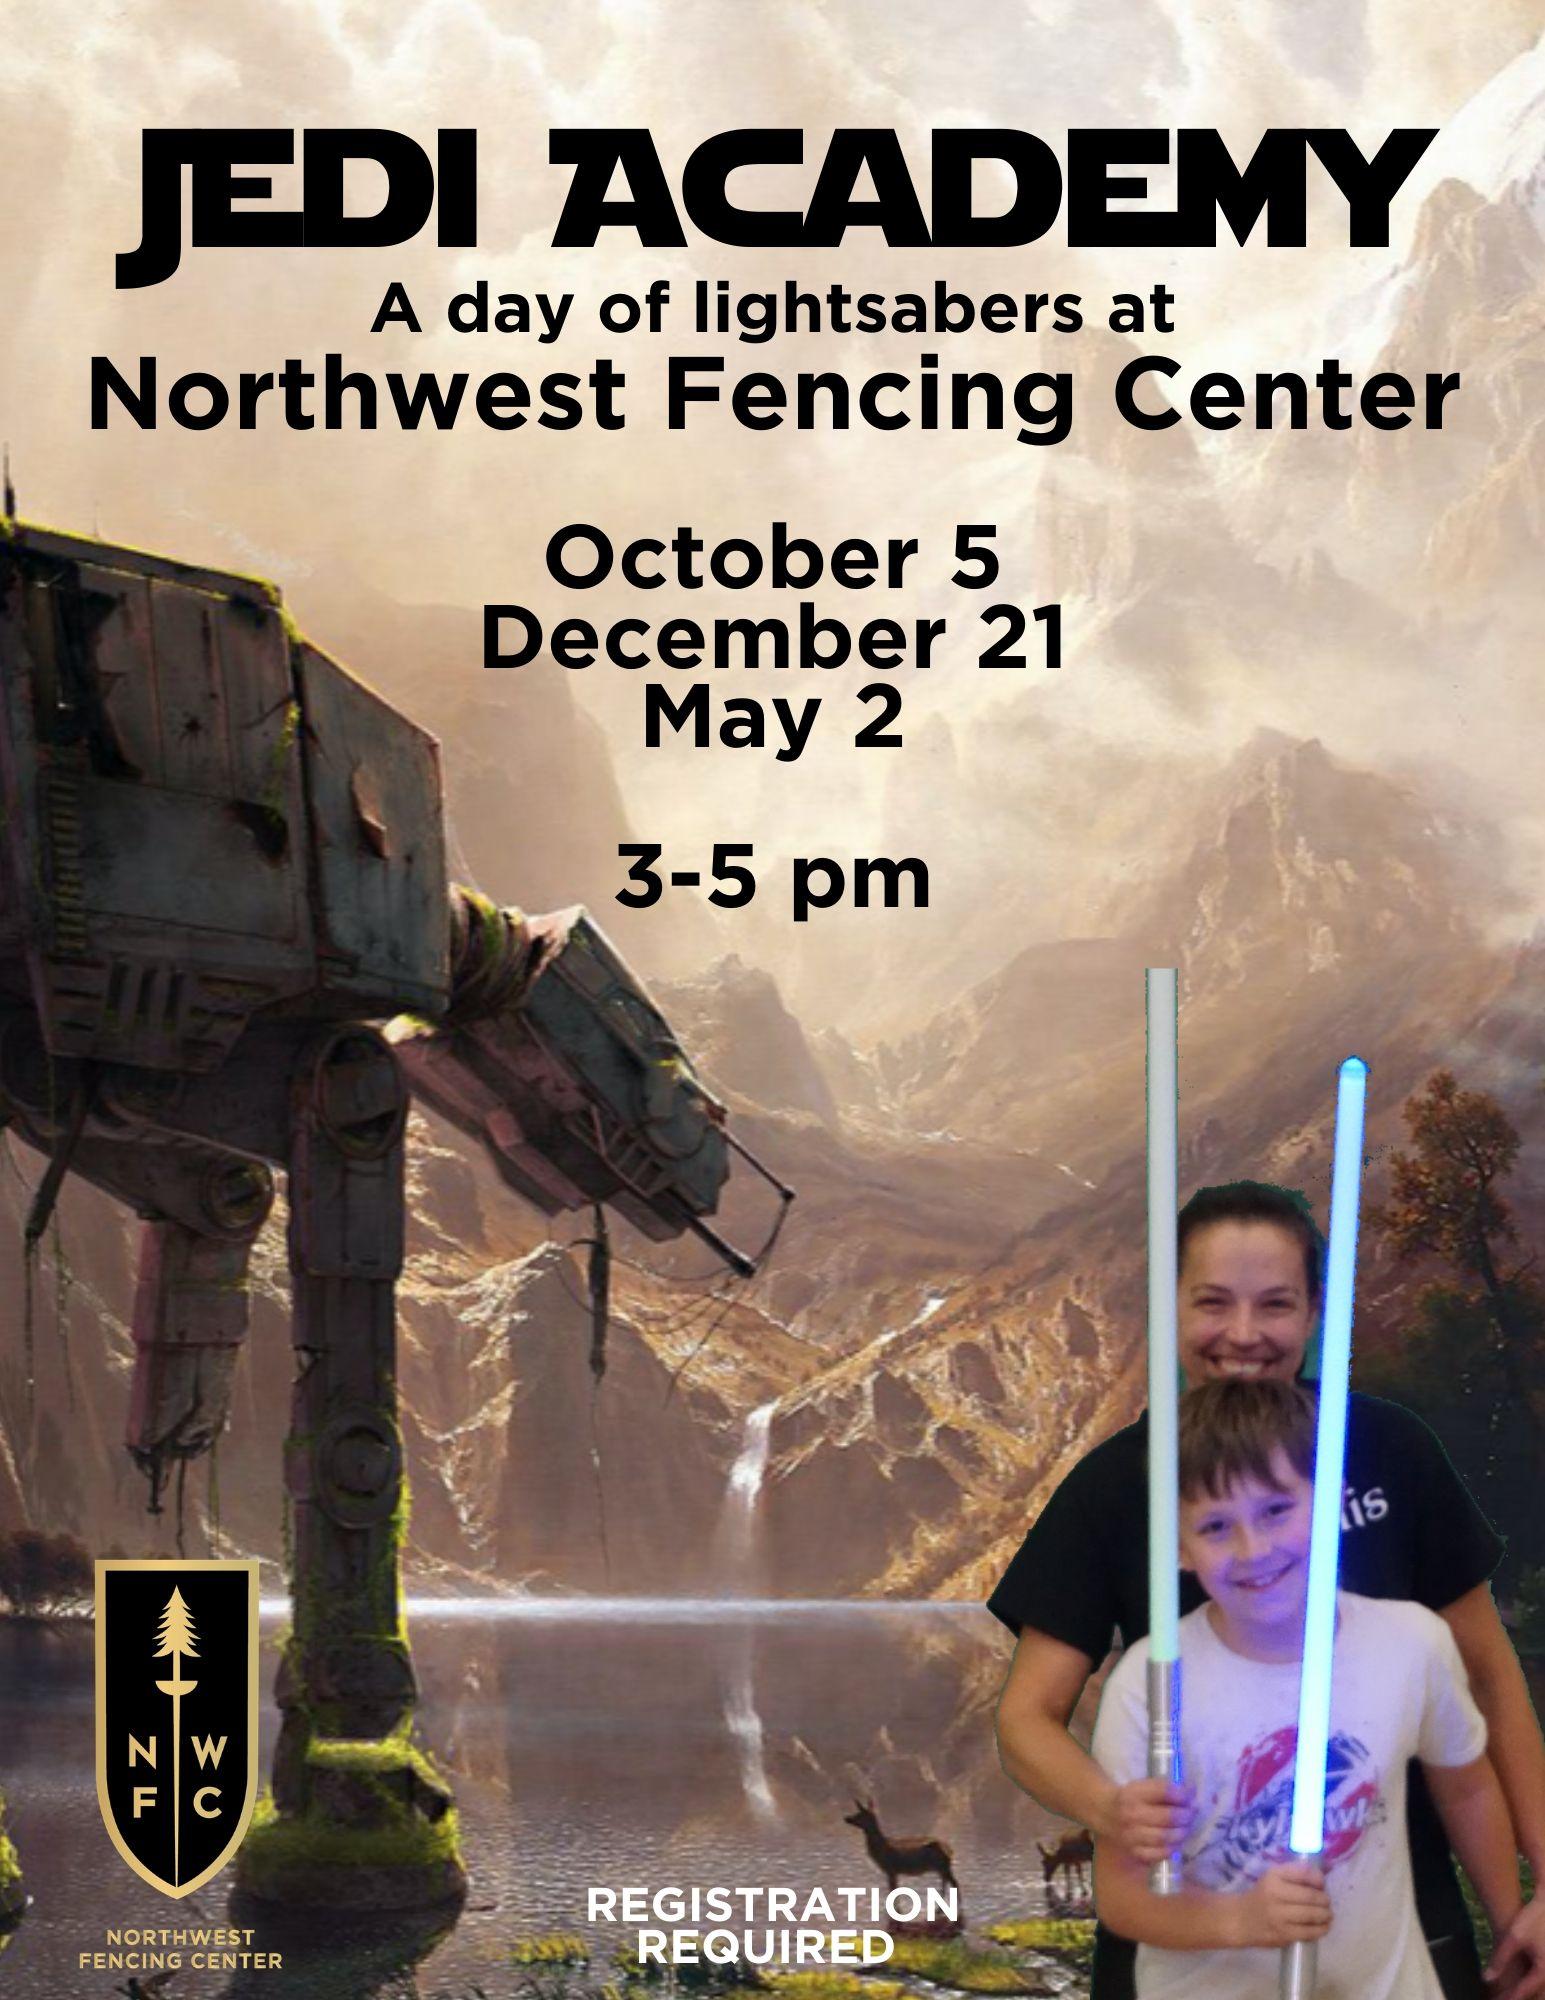 Lightsaber Workshops